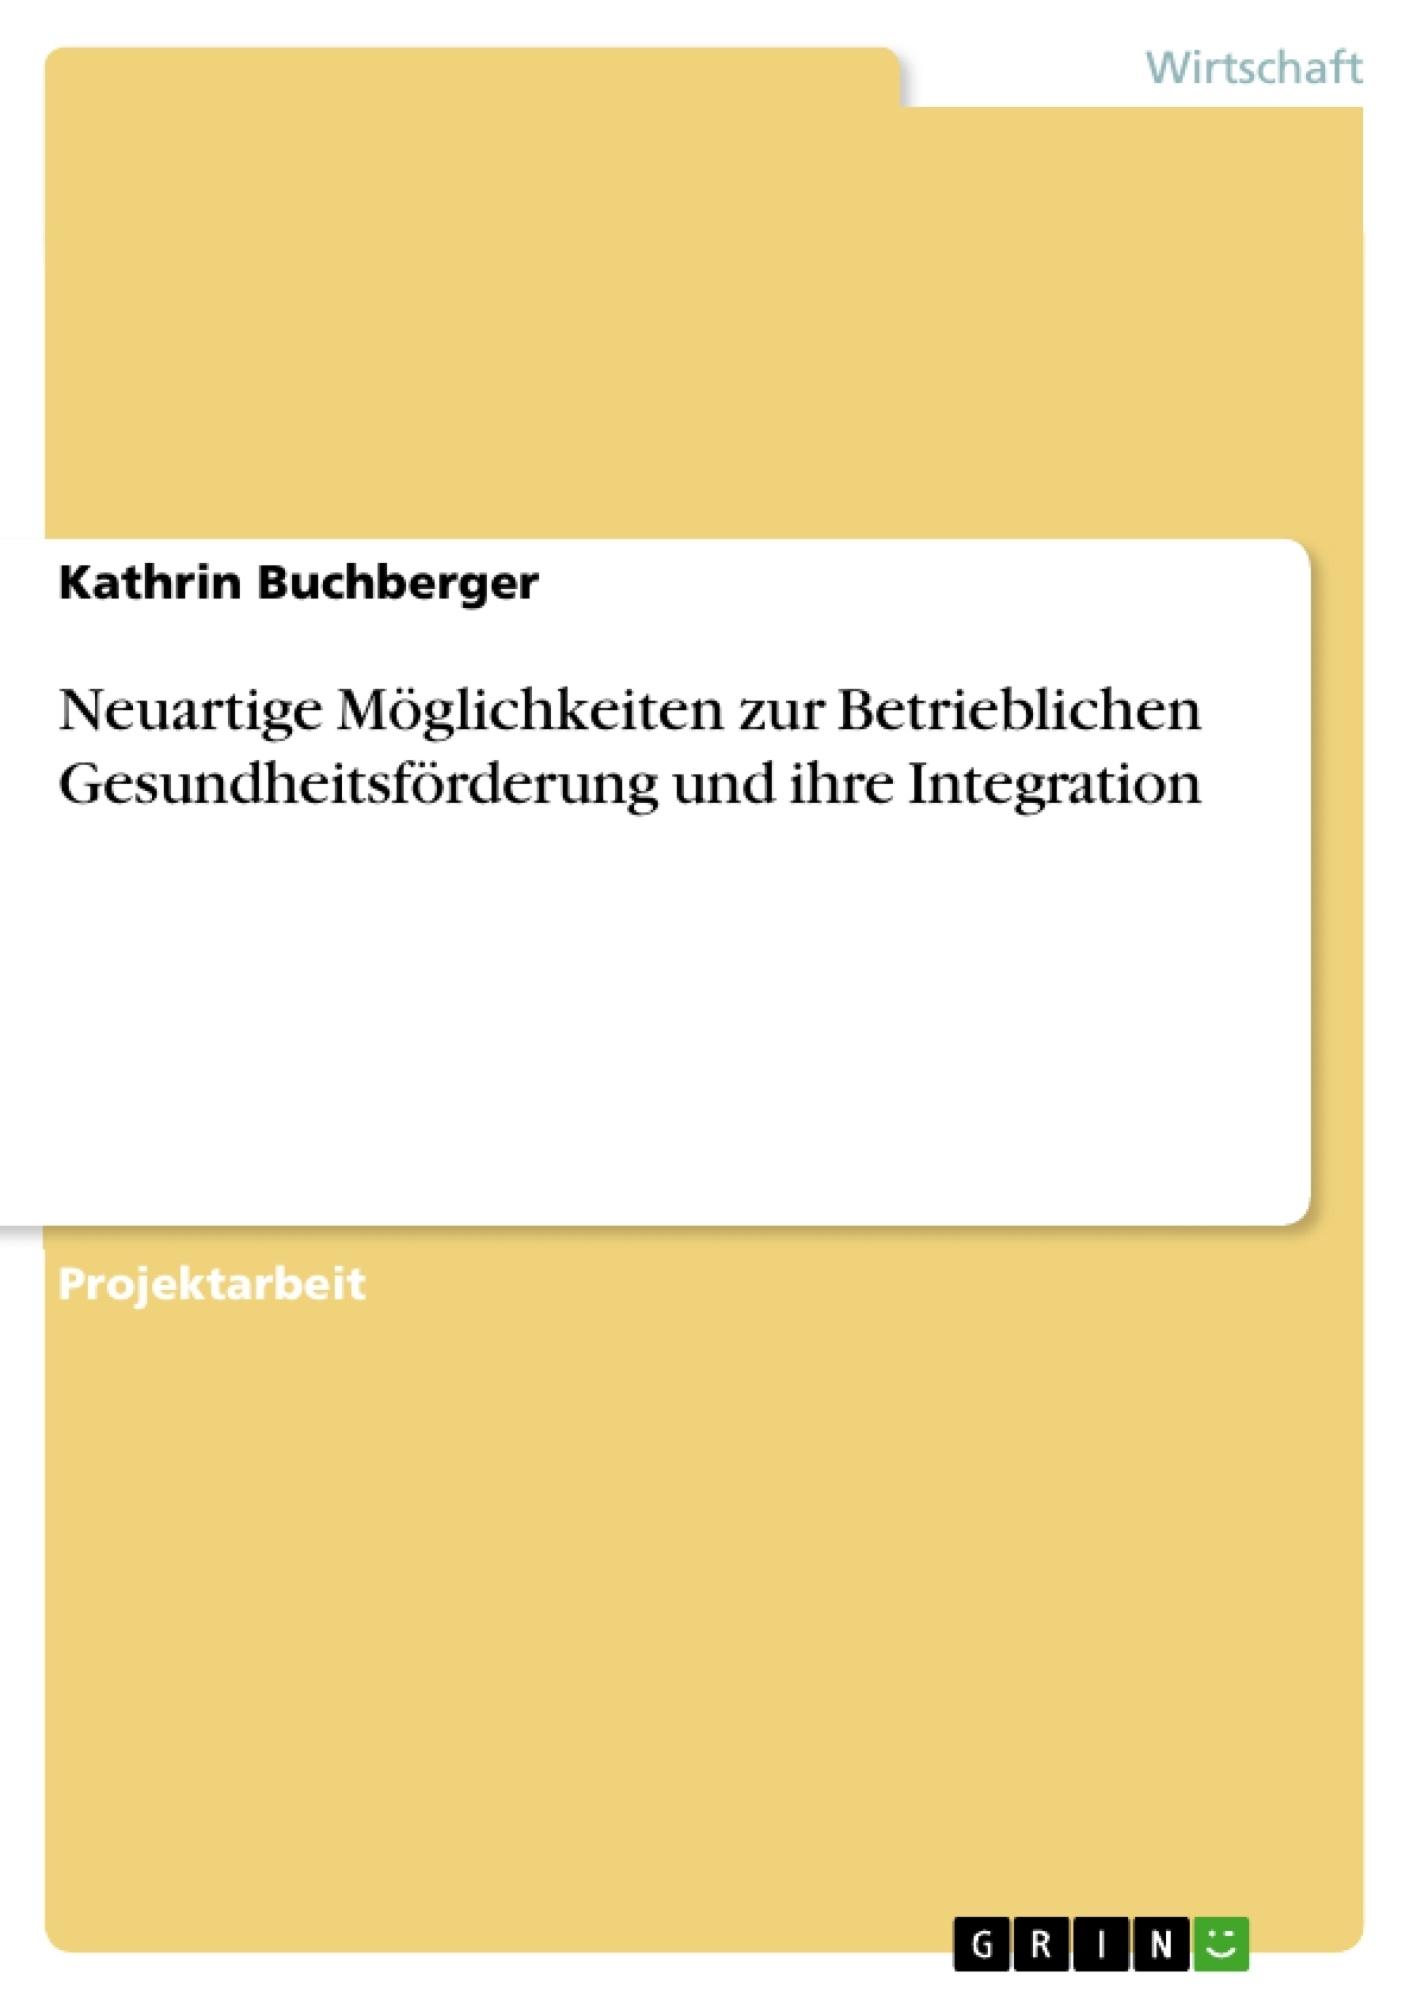 Titel: Neuartige Möglichkeiten zur Betrieblichen Gesundheitsförderung und ihre Integration